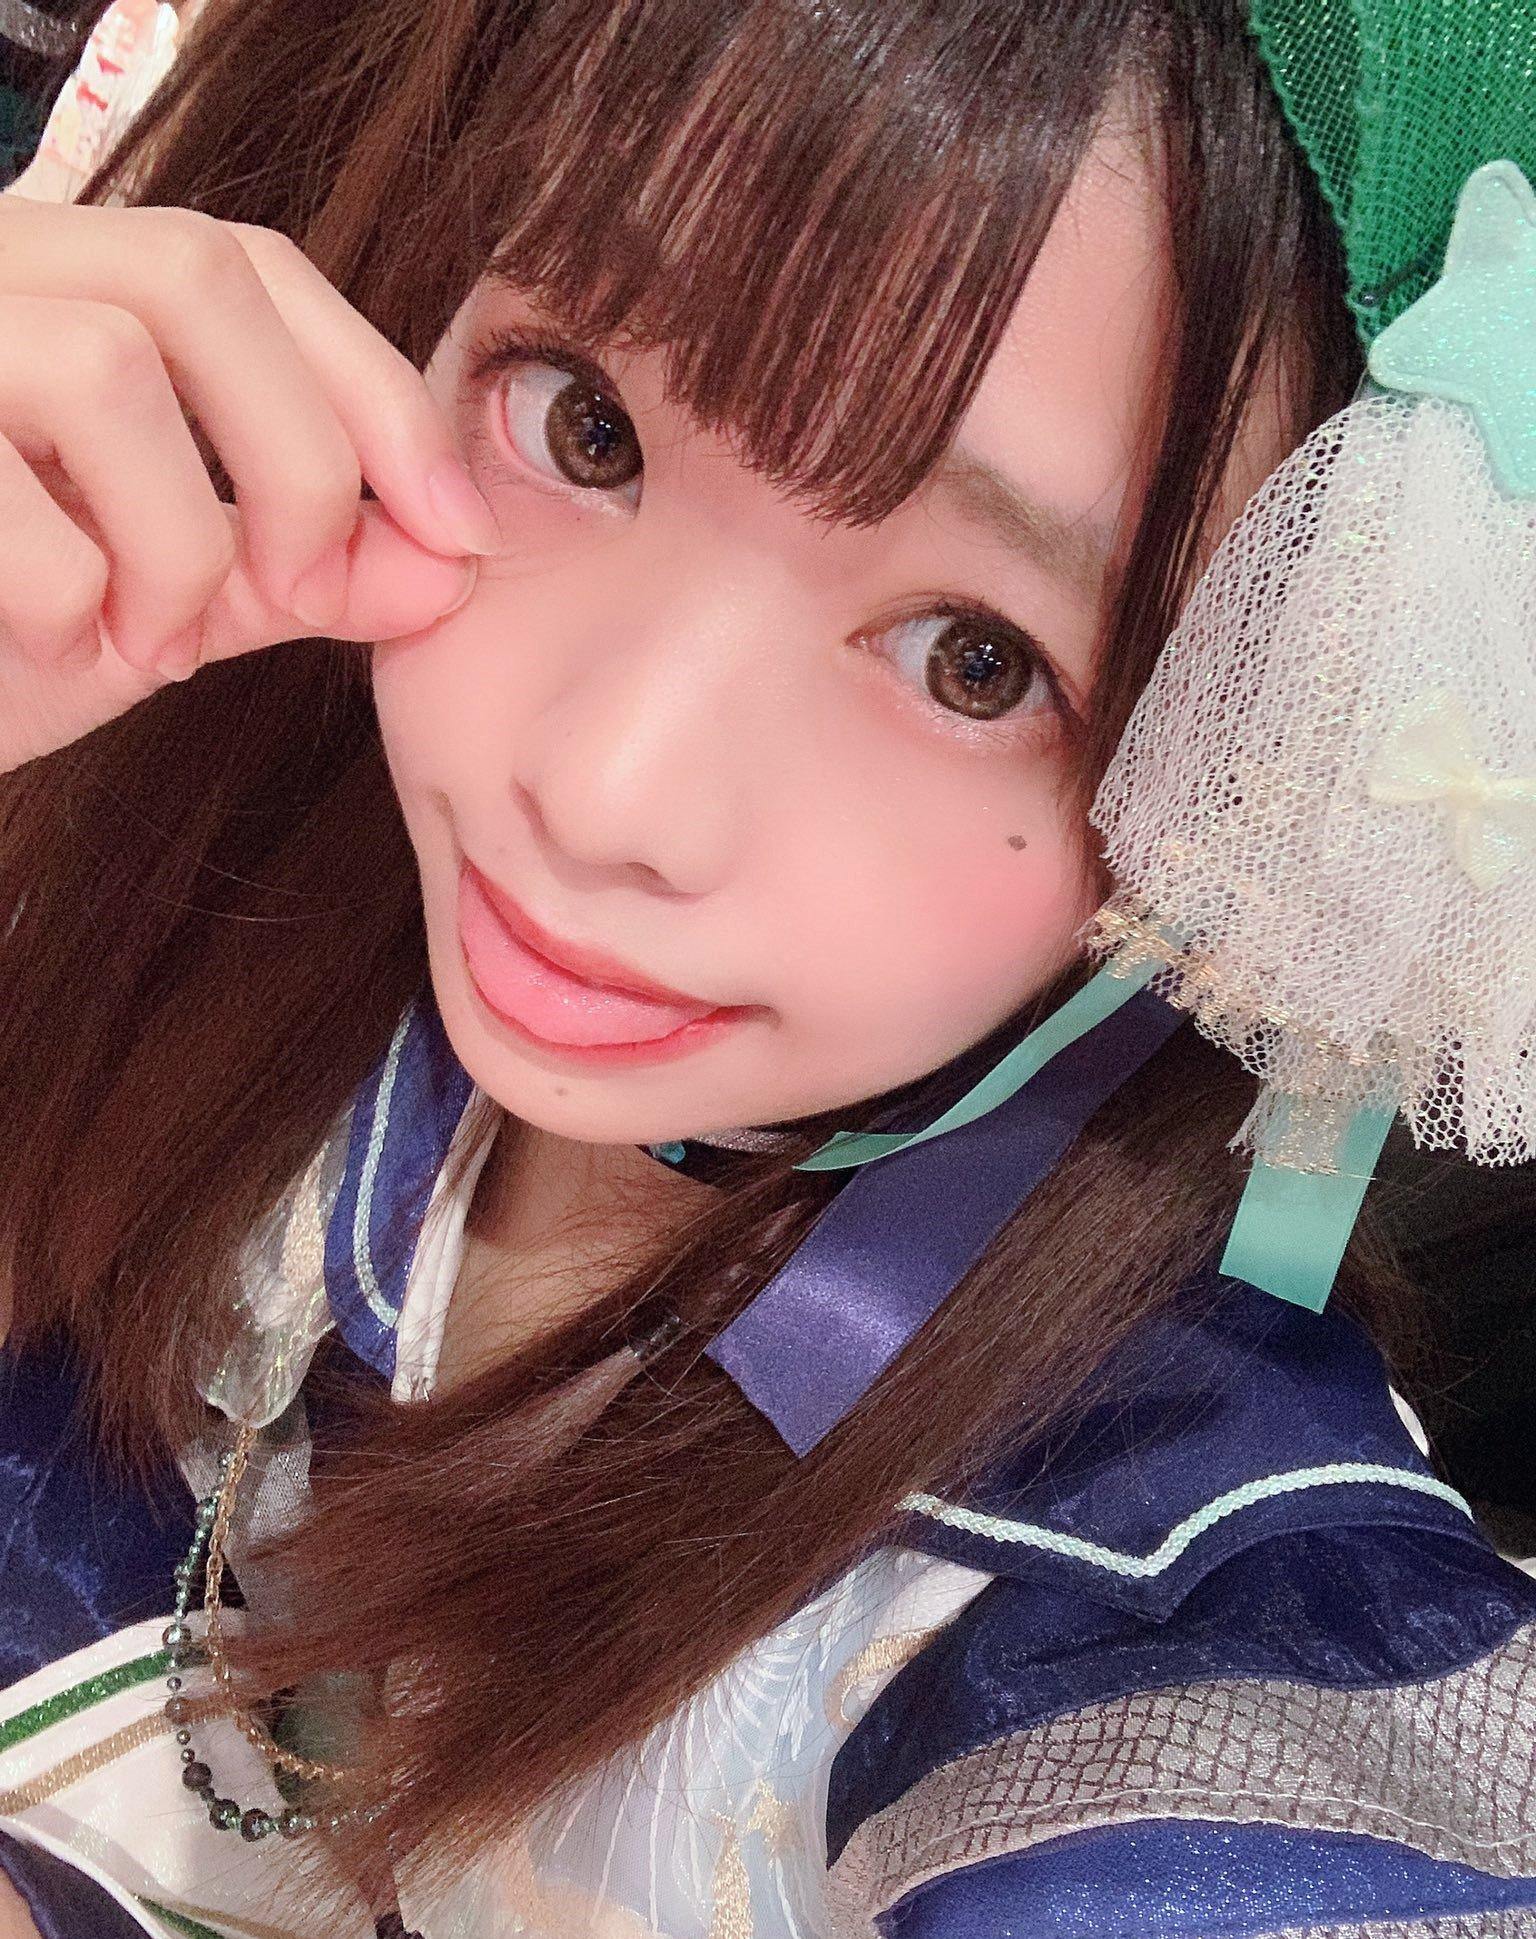 双葉凛乃のペロ舌出し (24)